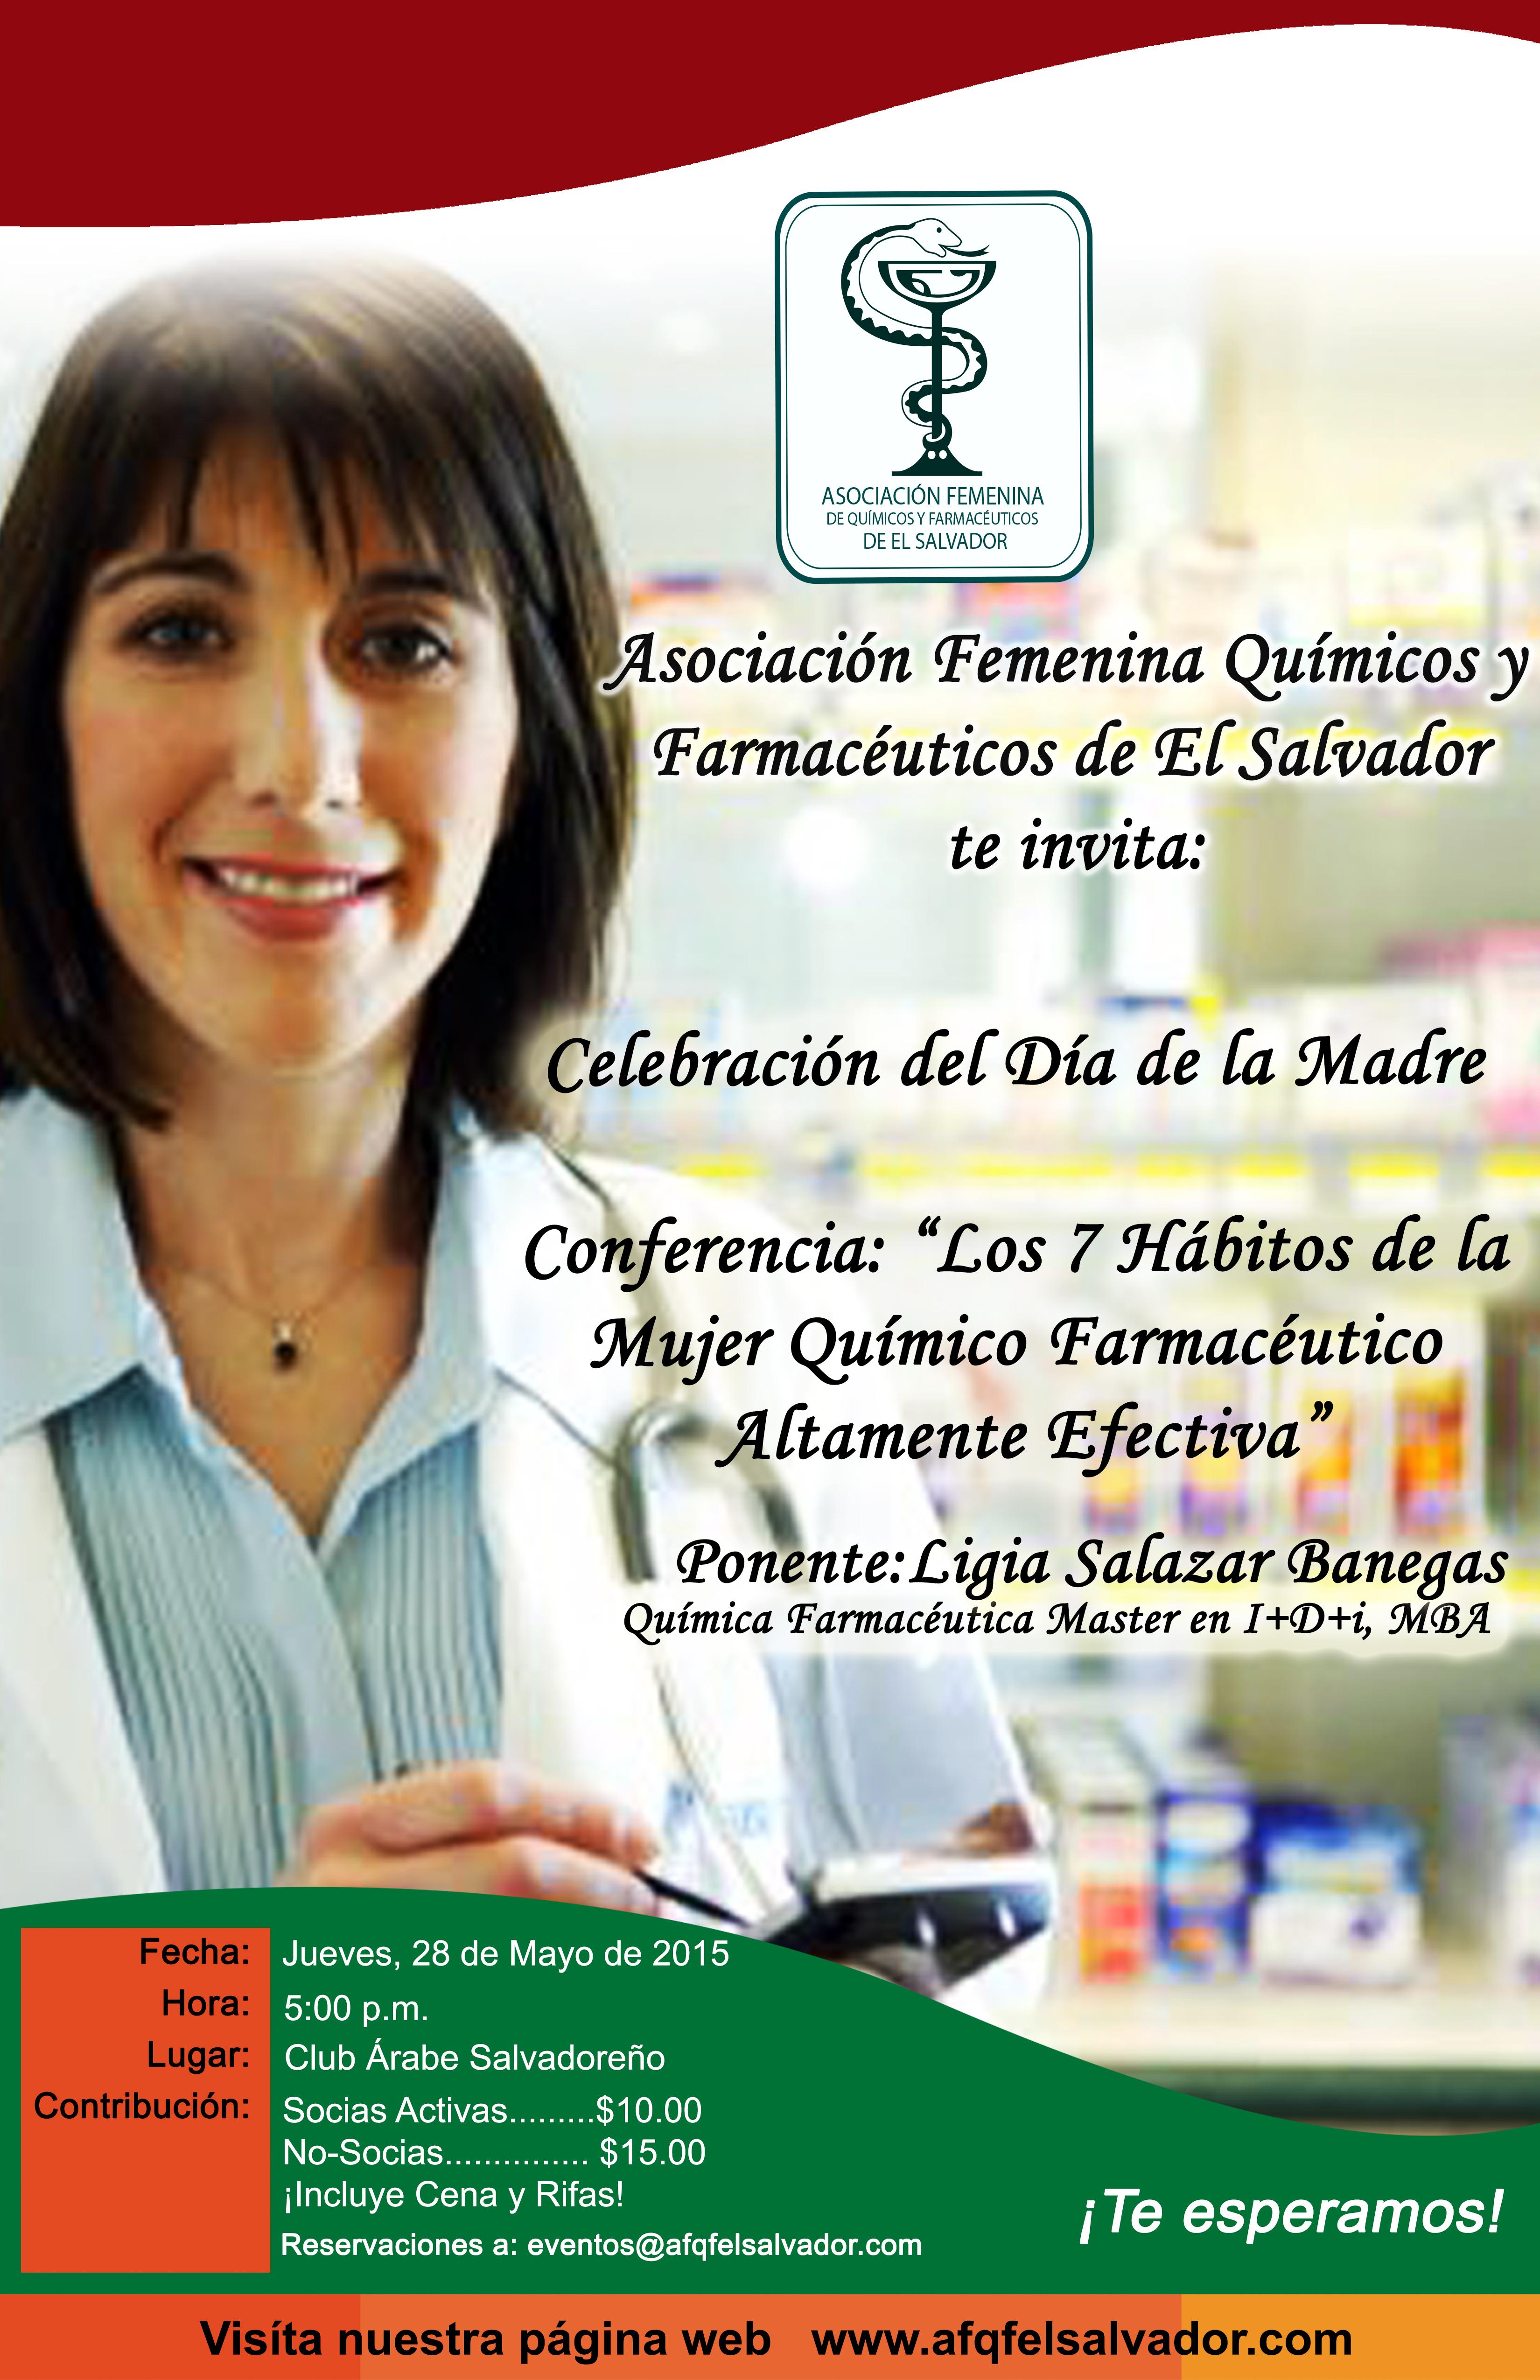 Próximo evento : Celebración Dia de la Madre y Conferencia